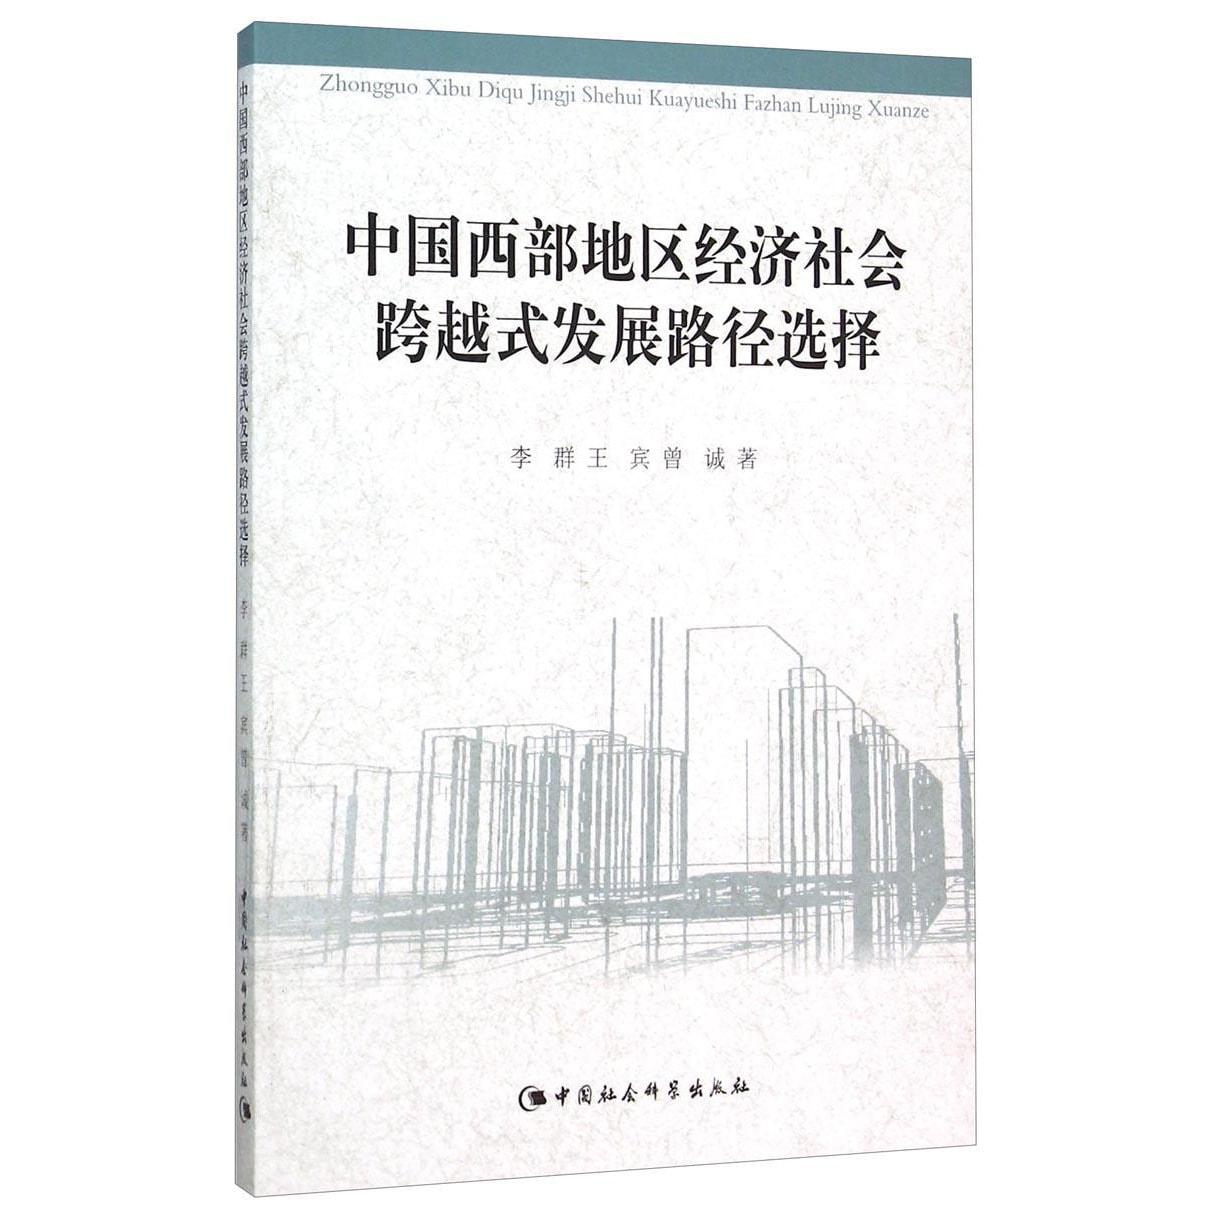 中国西部地区经济社会跨越式发展路径选择 怎么样 - 亚米网